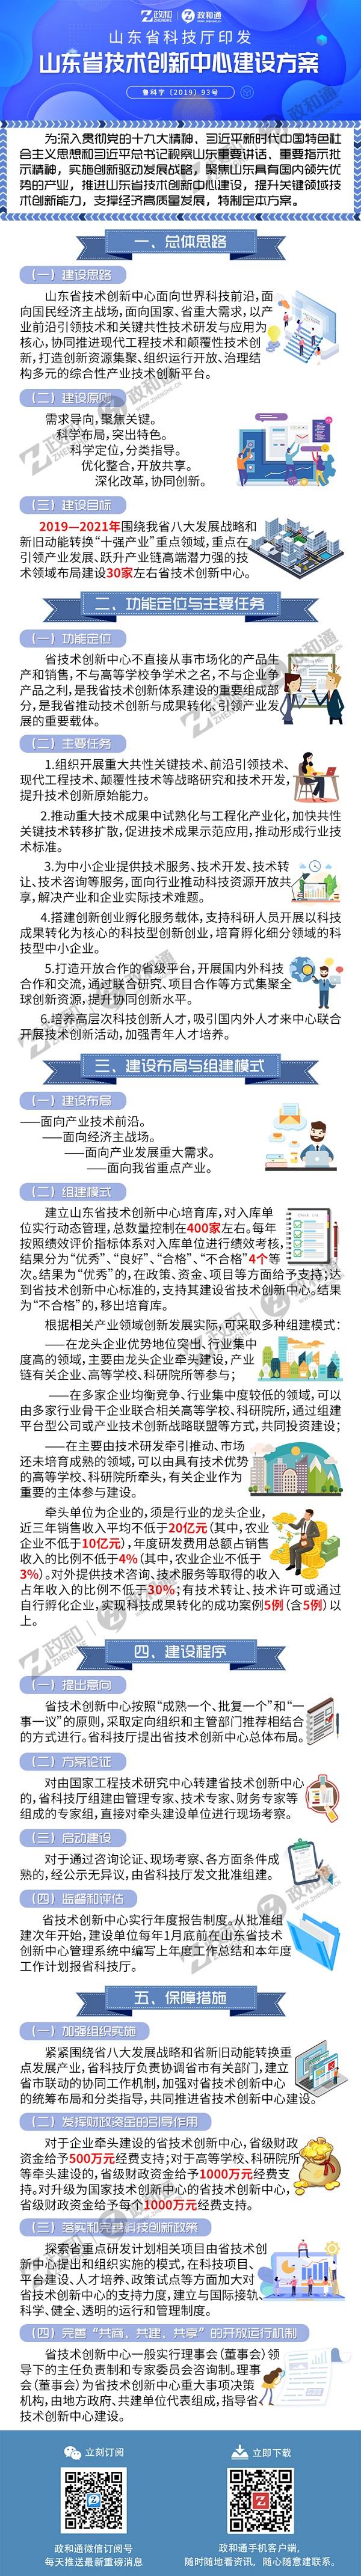 山東省科技廳印發《山東省技術創新中心建設方案》的通知.jpg